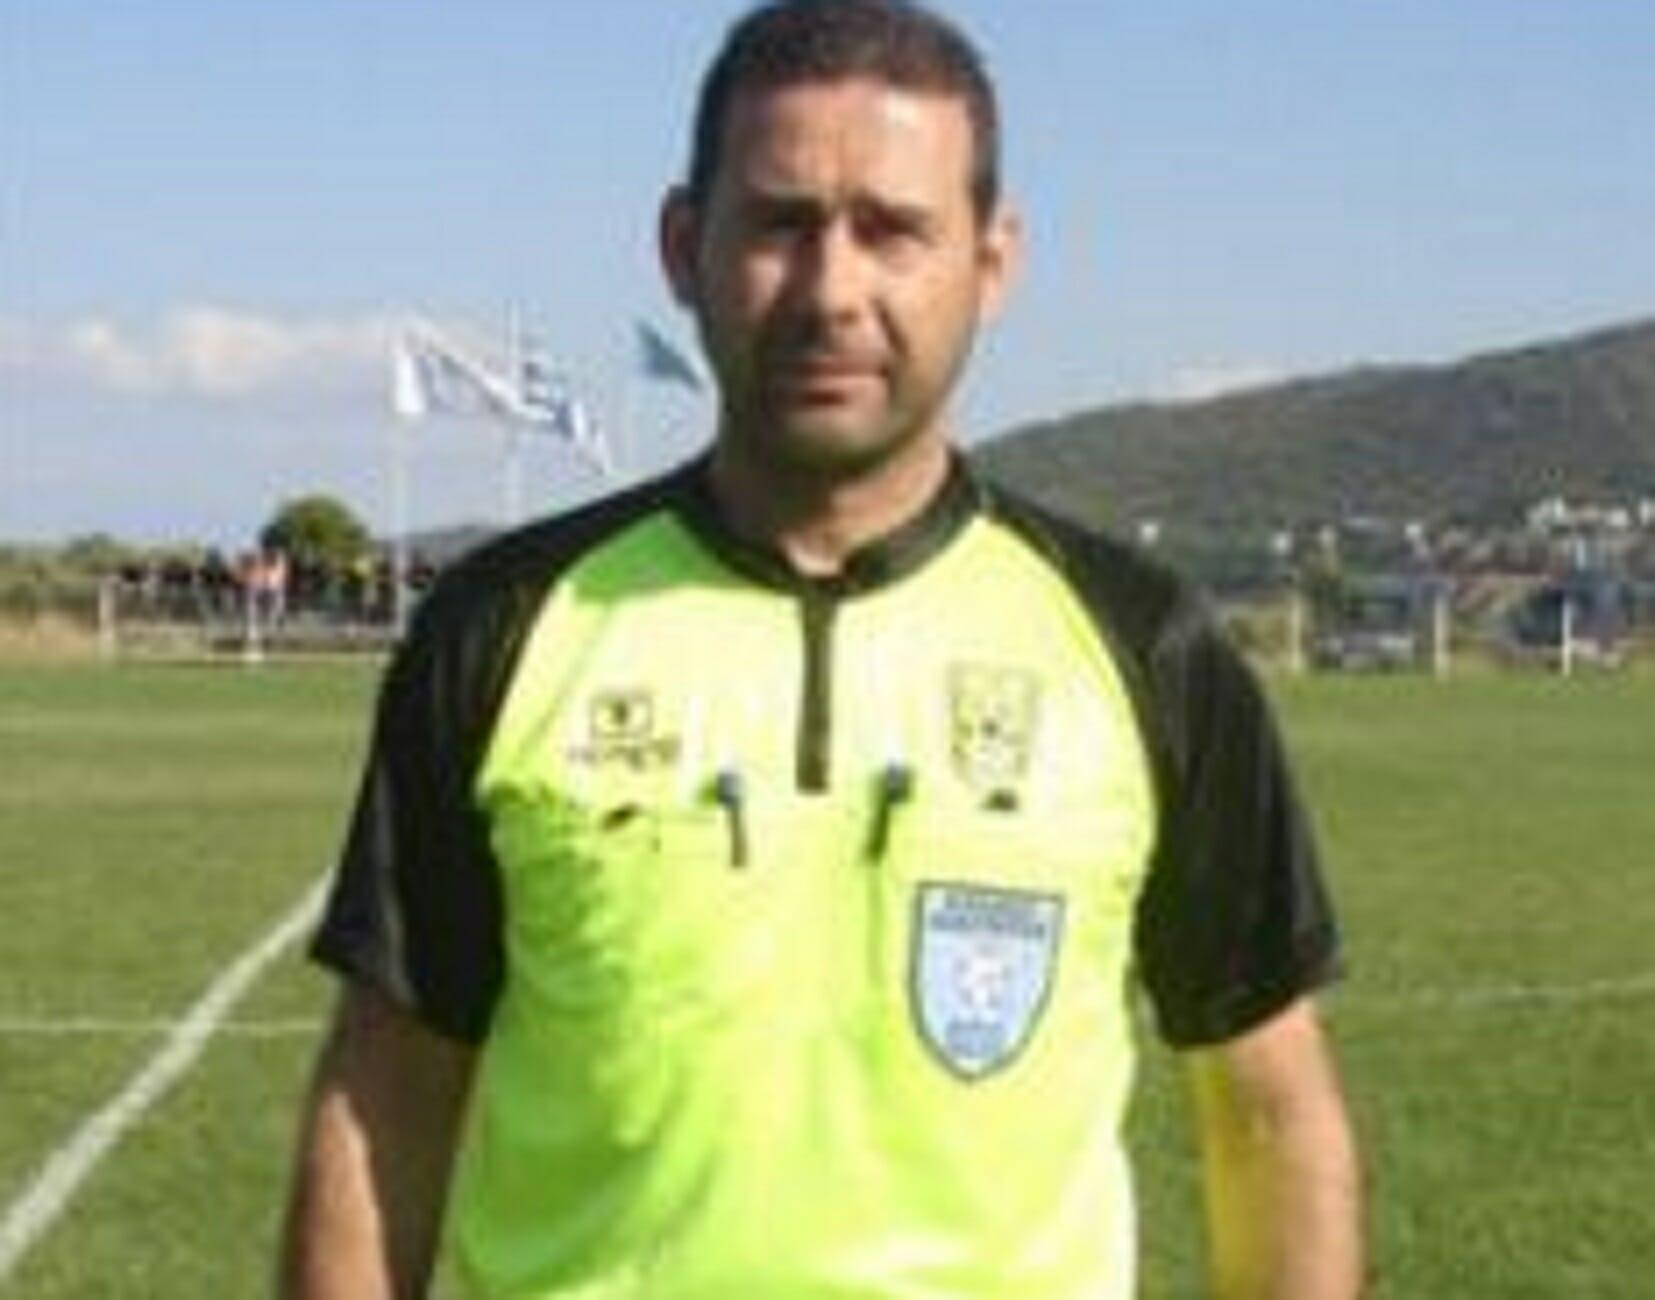 Λαμία: Σπαραγμός για τον θάνατο του Σπύρου Γουργιώτη! Έφυγε στα 46 του χρόνια ο πατέρας δύο παιδιών